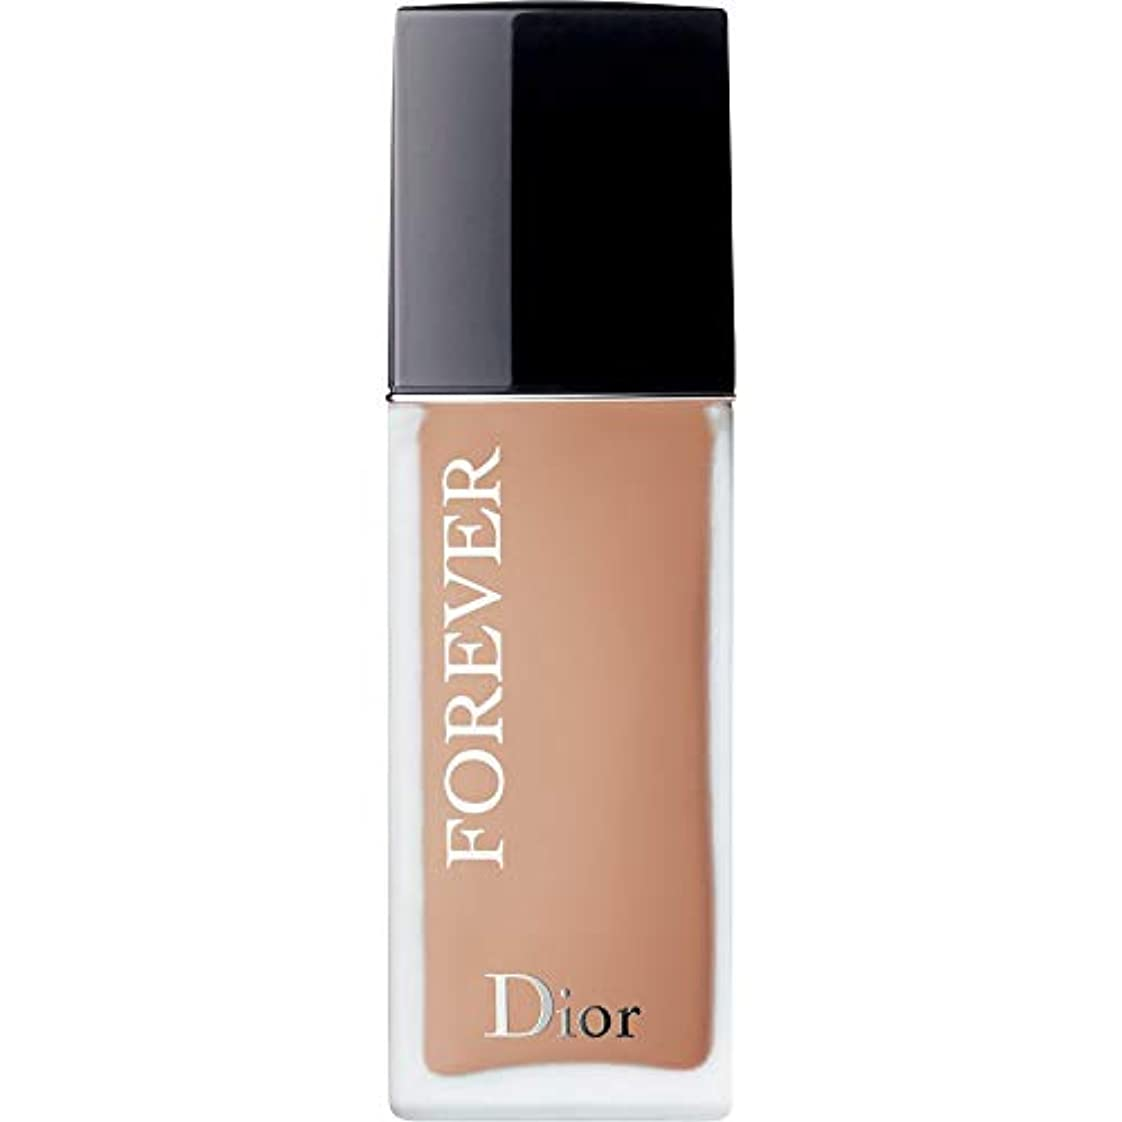 拘束する専門知識煩わしい[Dior ] ディオール永遠皮膚思いやりの基礎Spf35 30ミリリットル4Cを - クール(つや消し) - DIOR Forever Skin-Caring Foundation SPF35 30ml 4C - Cool...